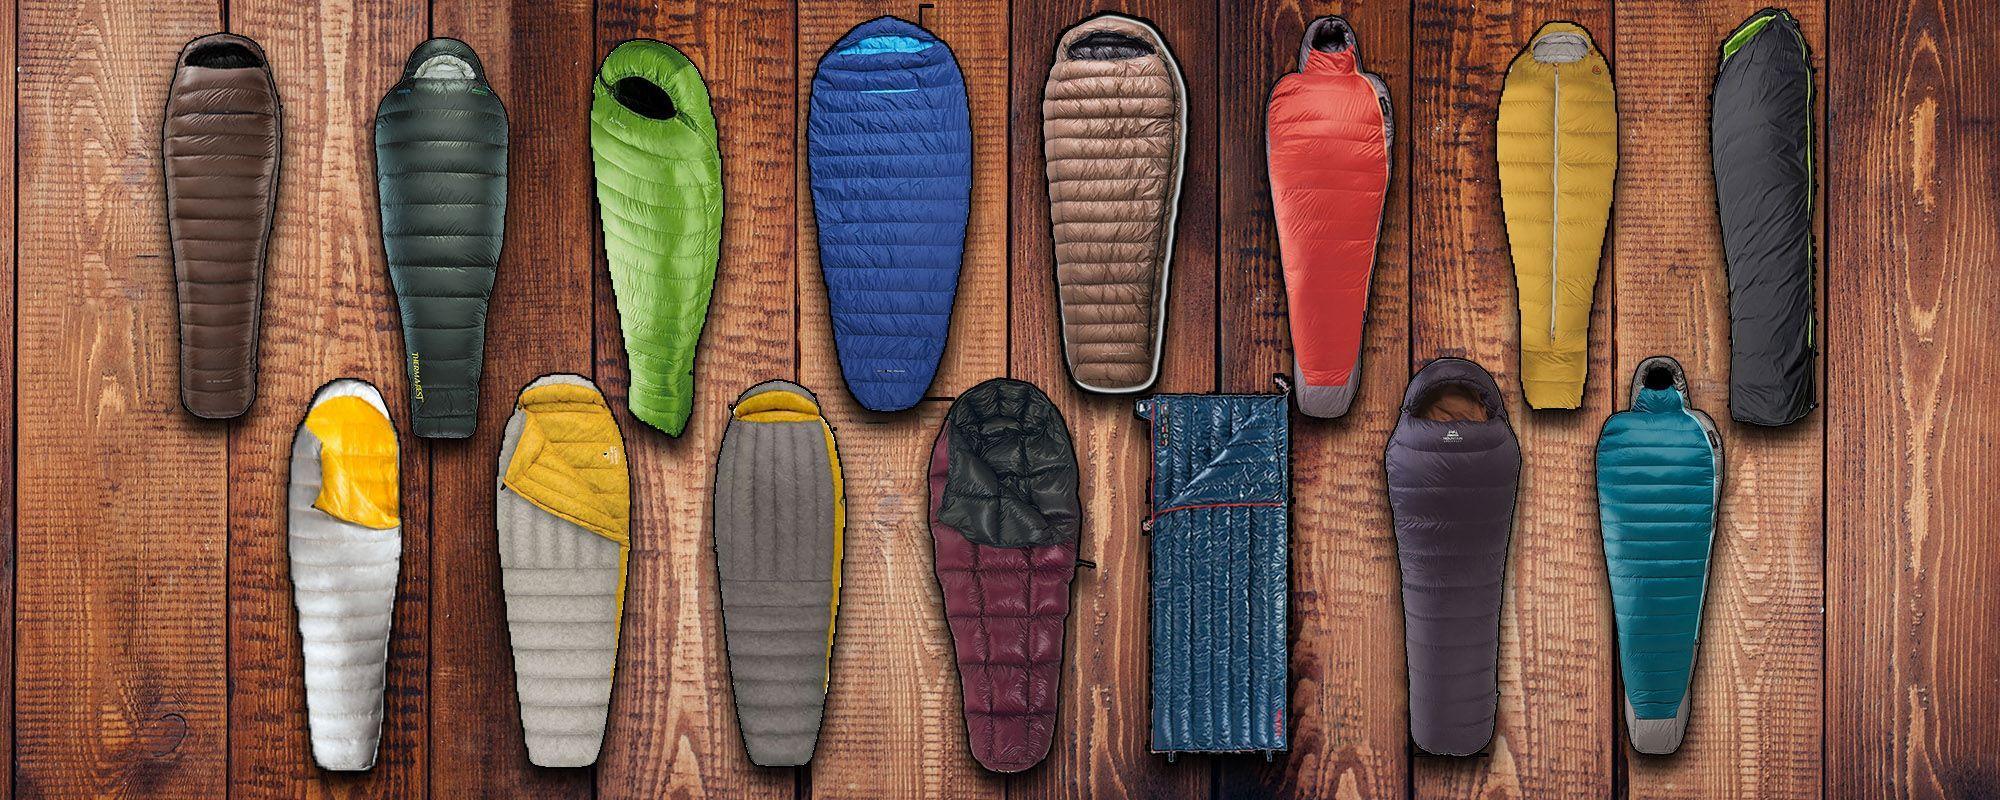 Ultraleicht Schlafsack Test - 15 leichte und ultraleichte Schlafsäcke für deine nächste Outdoor Tour